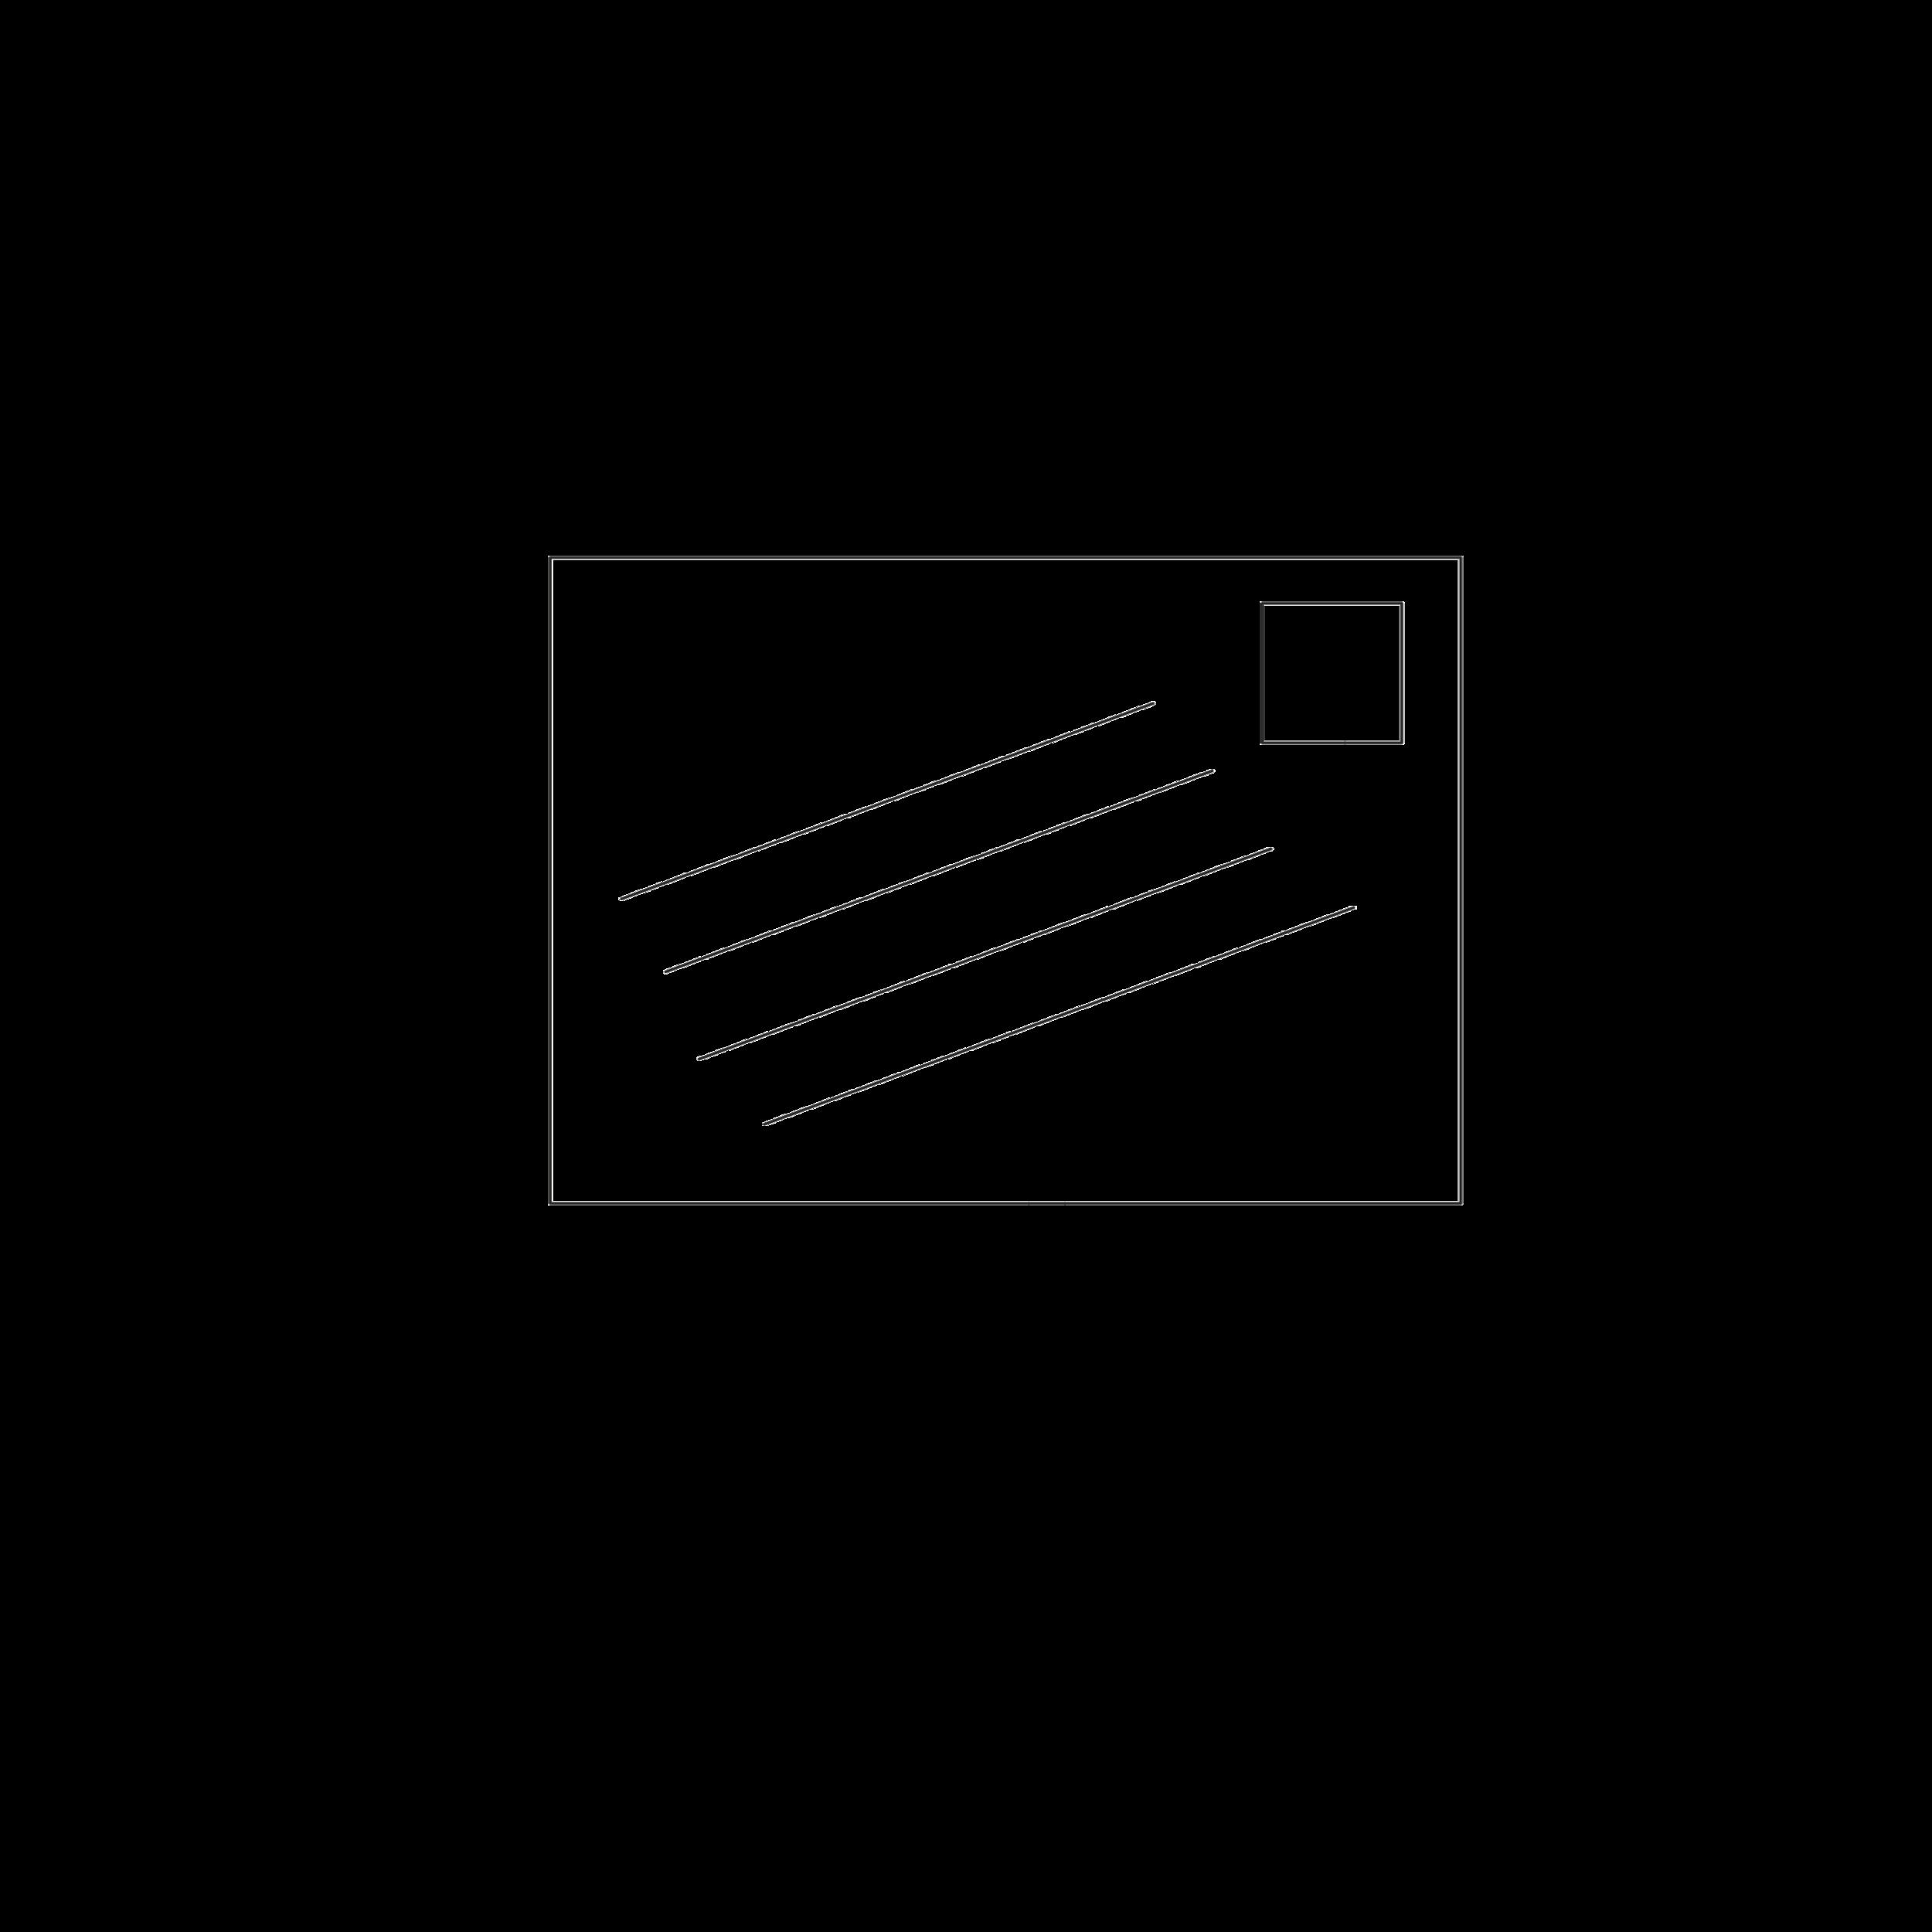 angled envelope addressing